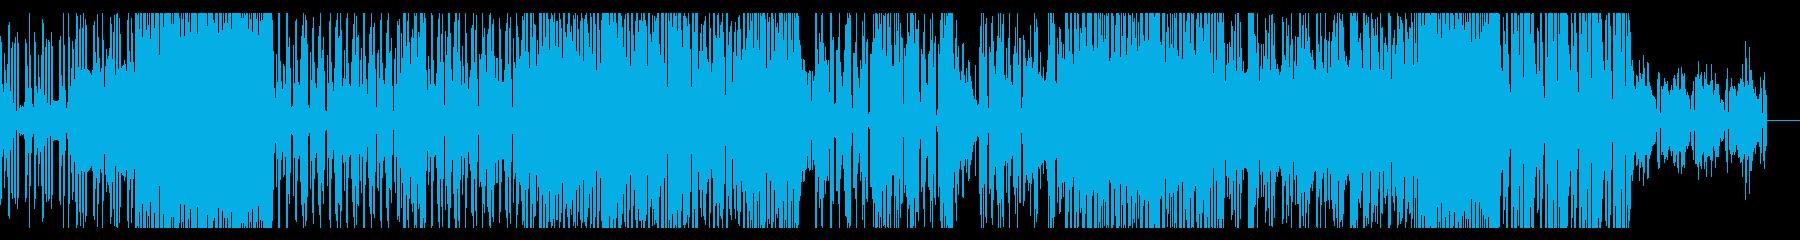 不気味な雰囲気のテクノBGMの再生済みの波形